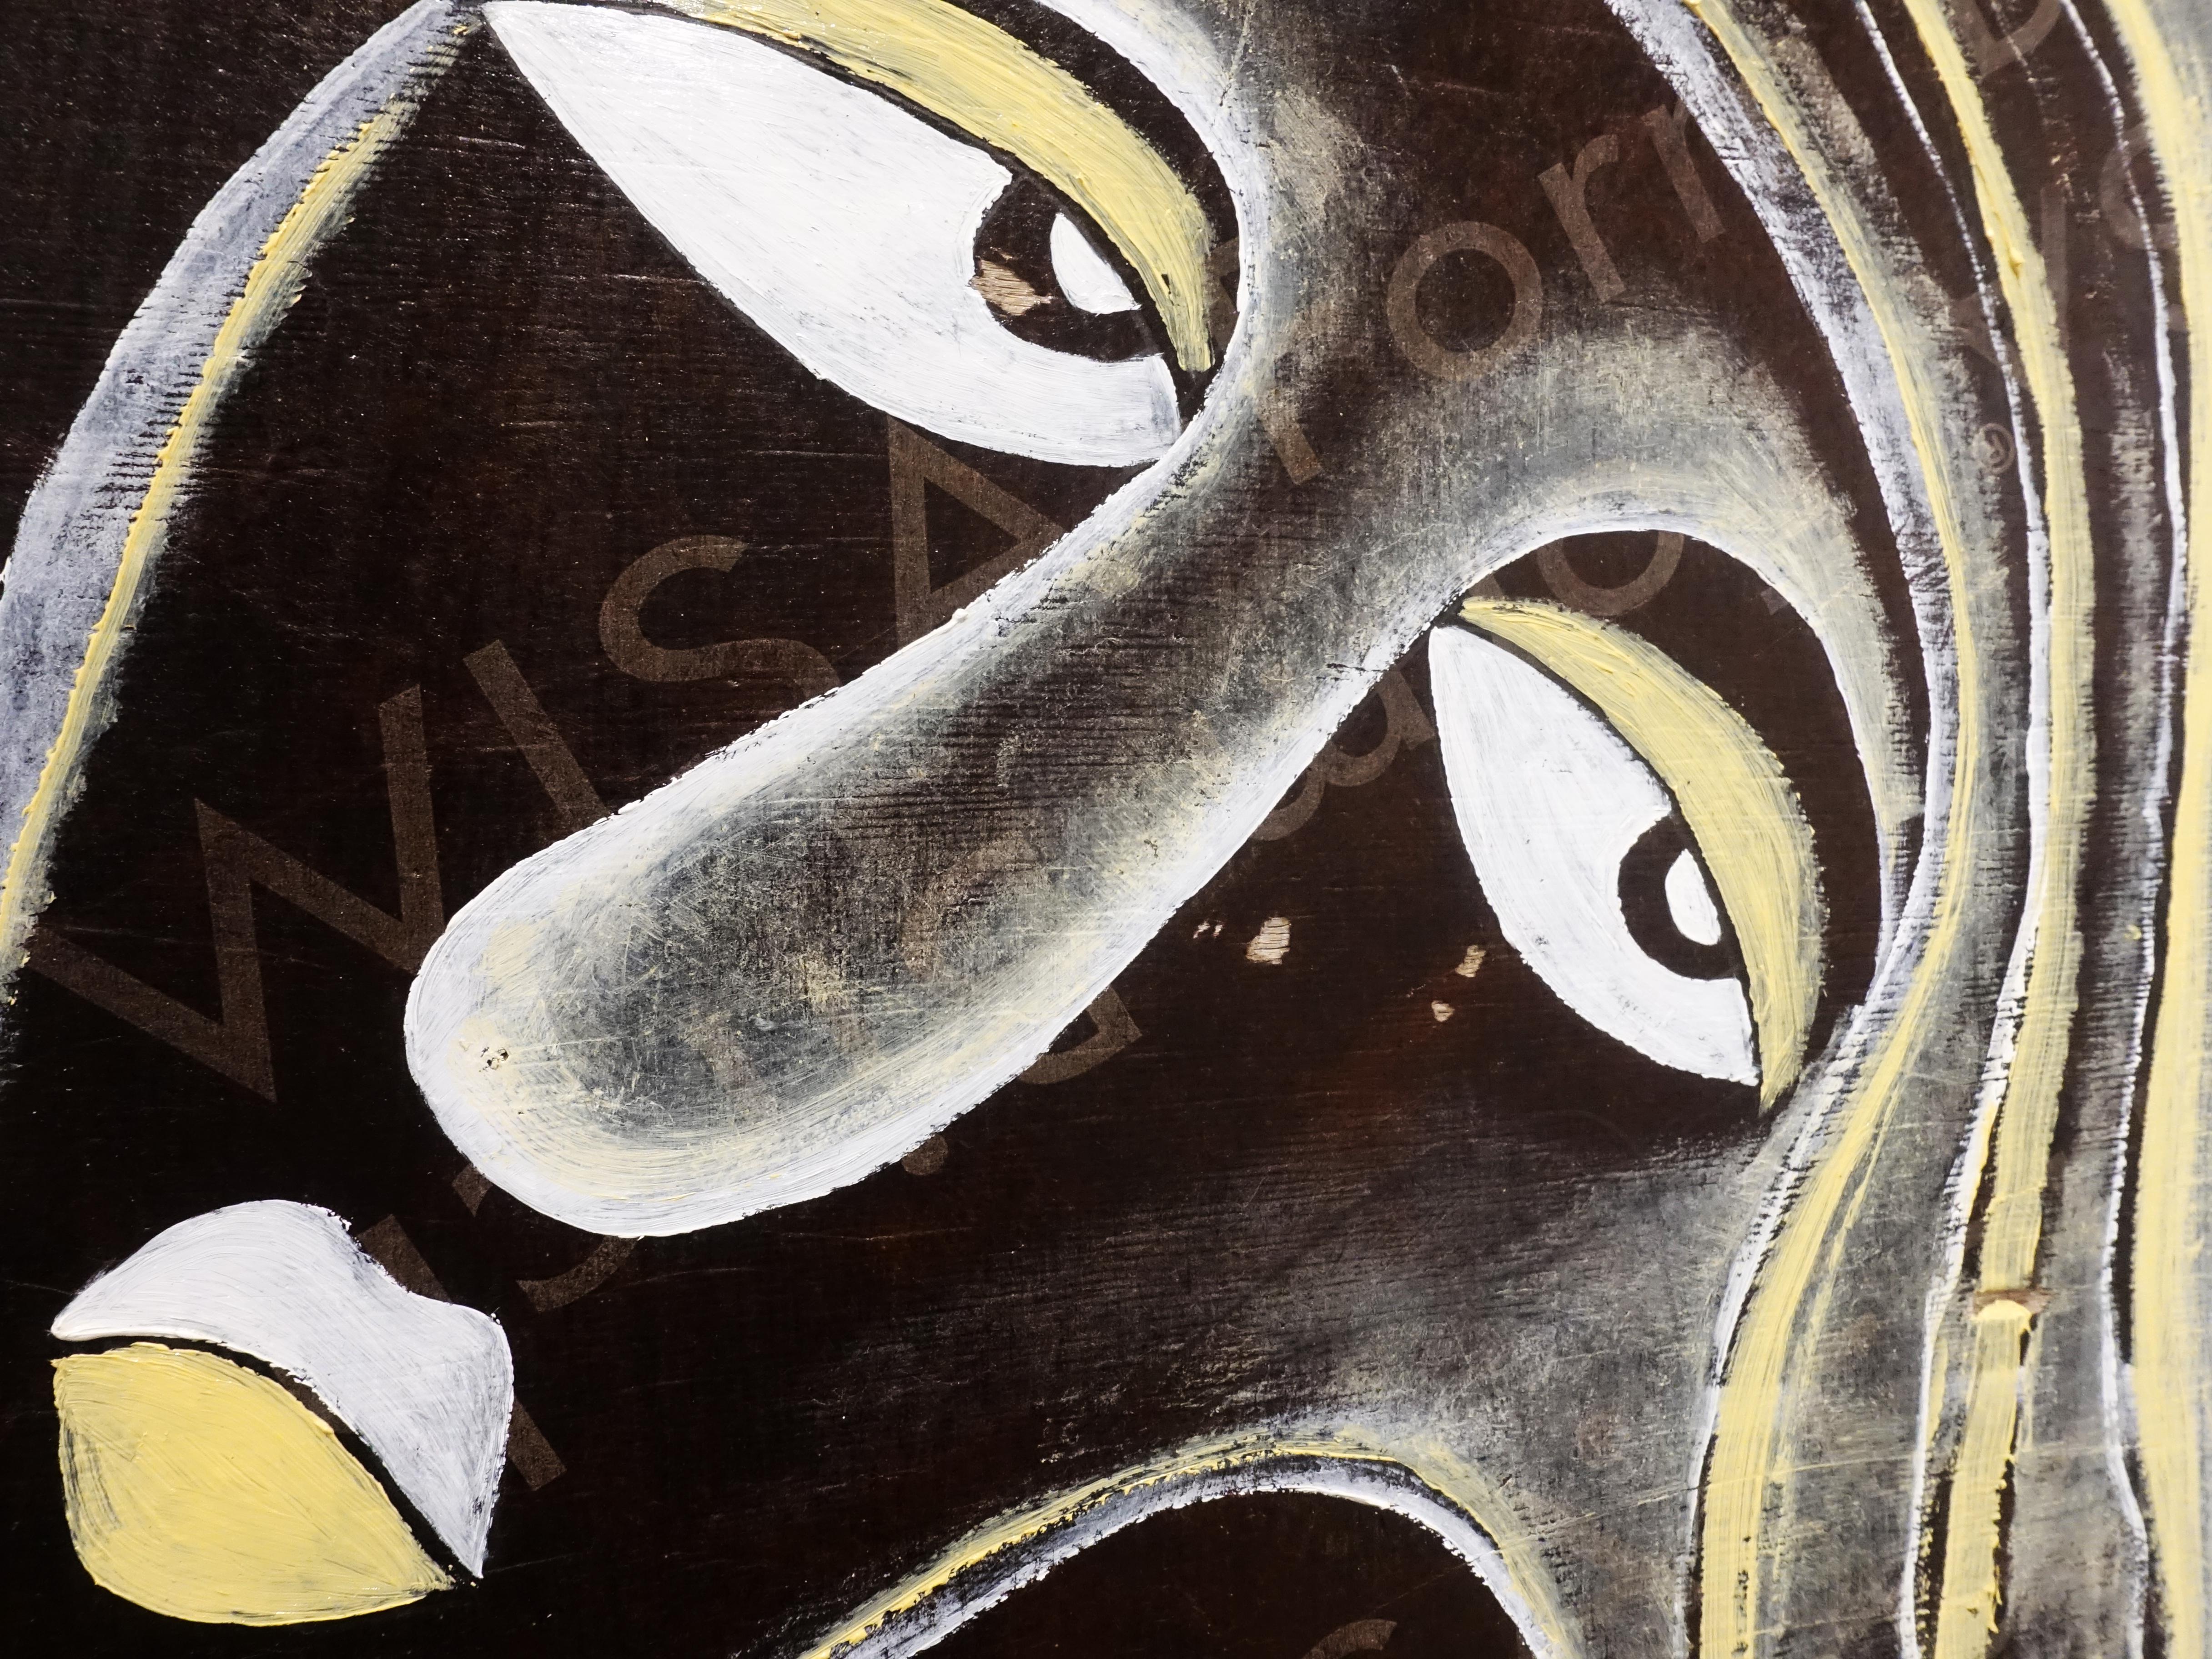 楊樹森,《喬莉》細節,37x 53 x 2 cm,漂木油彩,2019。